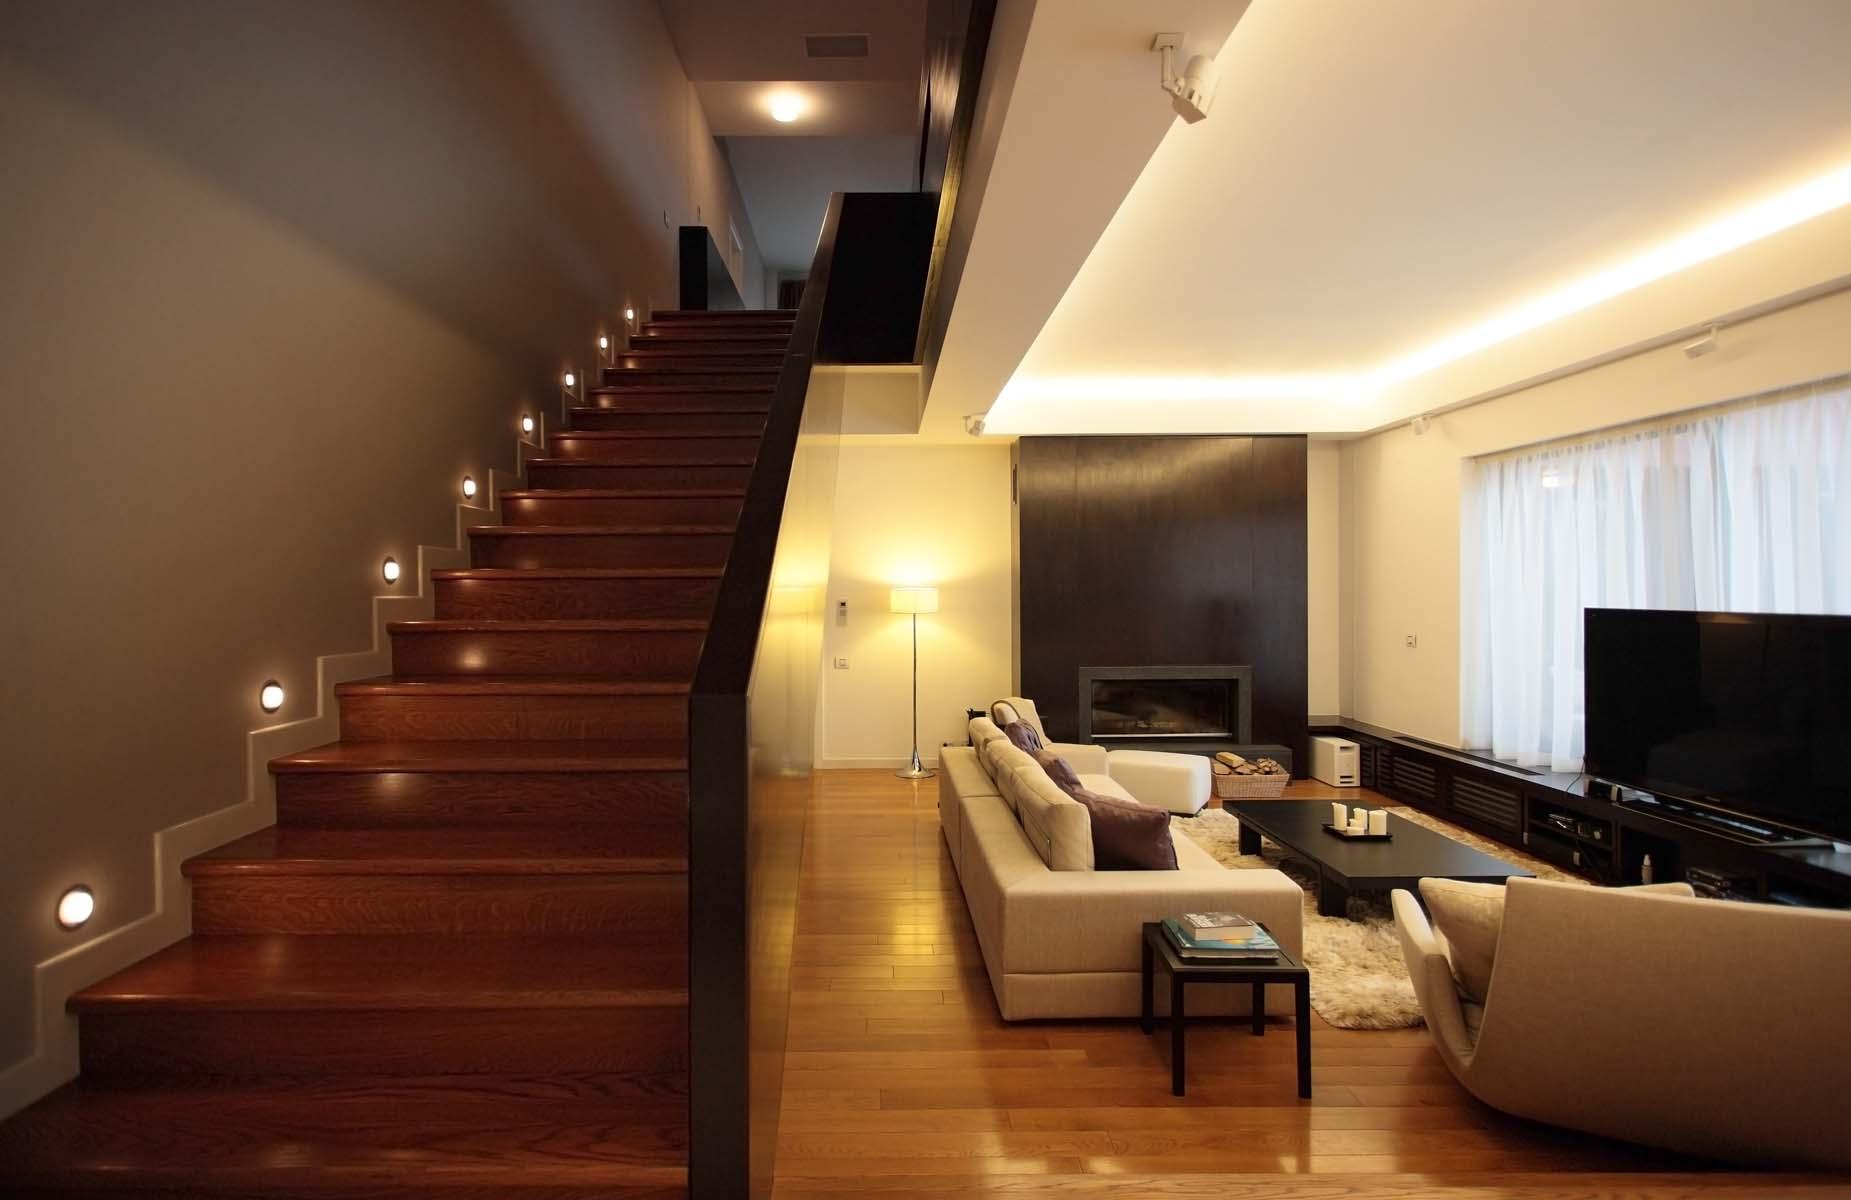 https://nbc-arhitect.ro/wp-content/uploads/2020/11/NBC-Arhitect-_-interior-design-_-Tudor-House-Interior-_-Romania_1.jpg